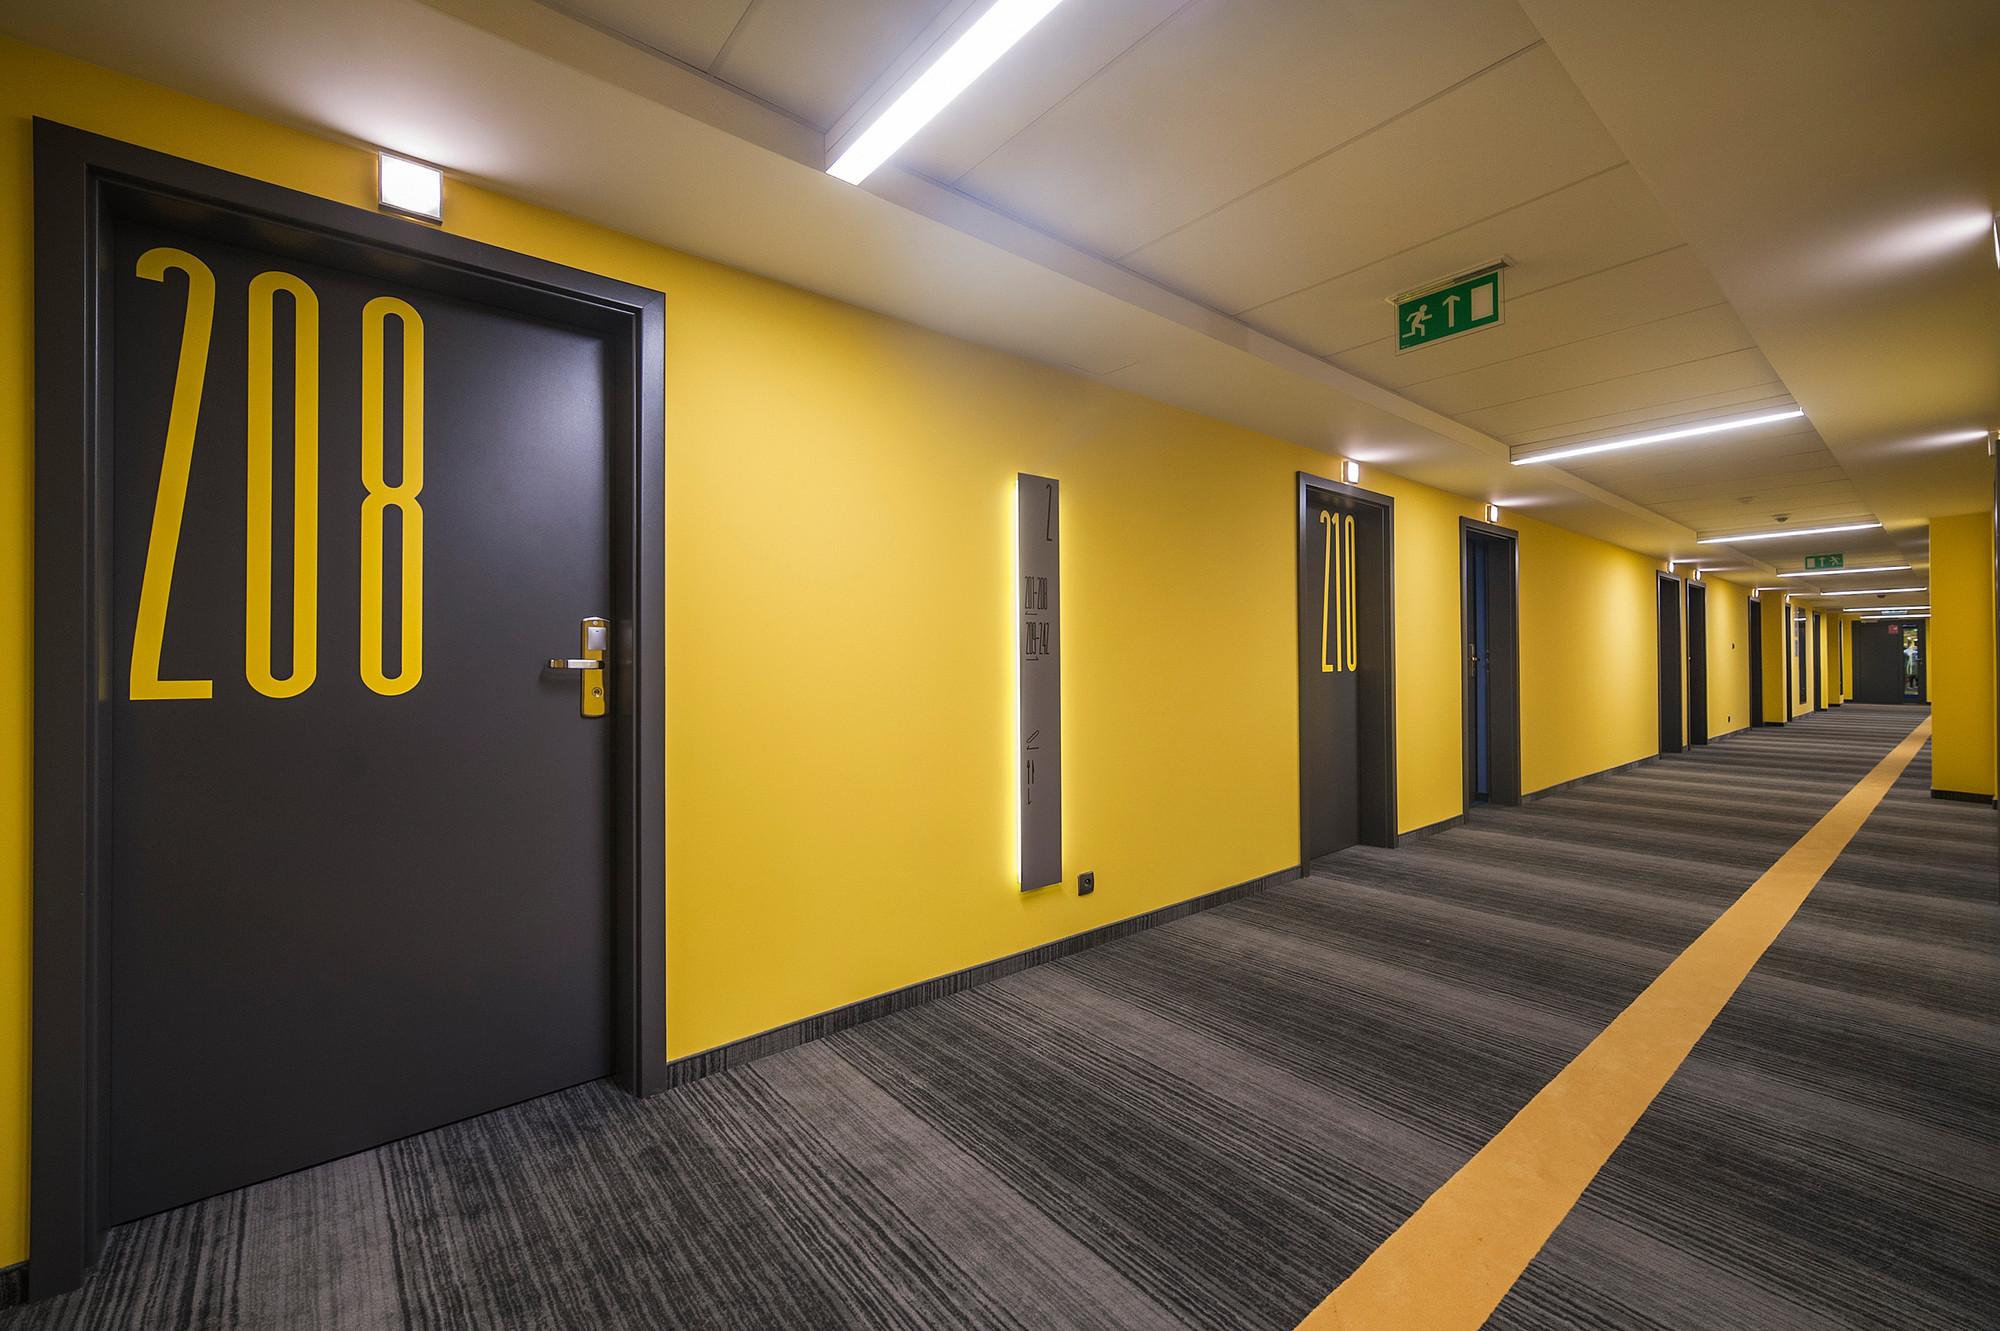 Gallery of tobaco hotel ec 5 13 for Hotel corridor decor